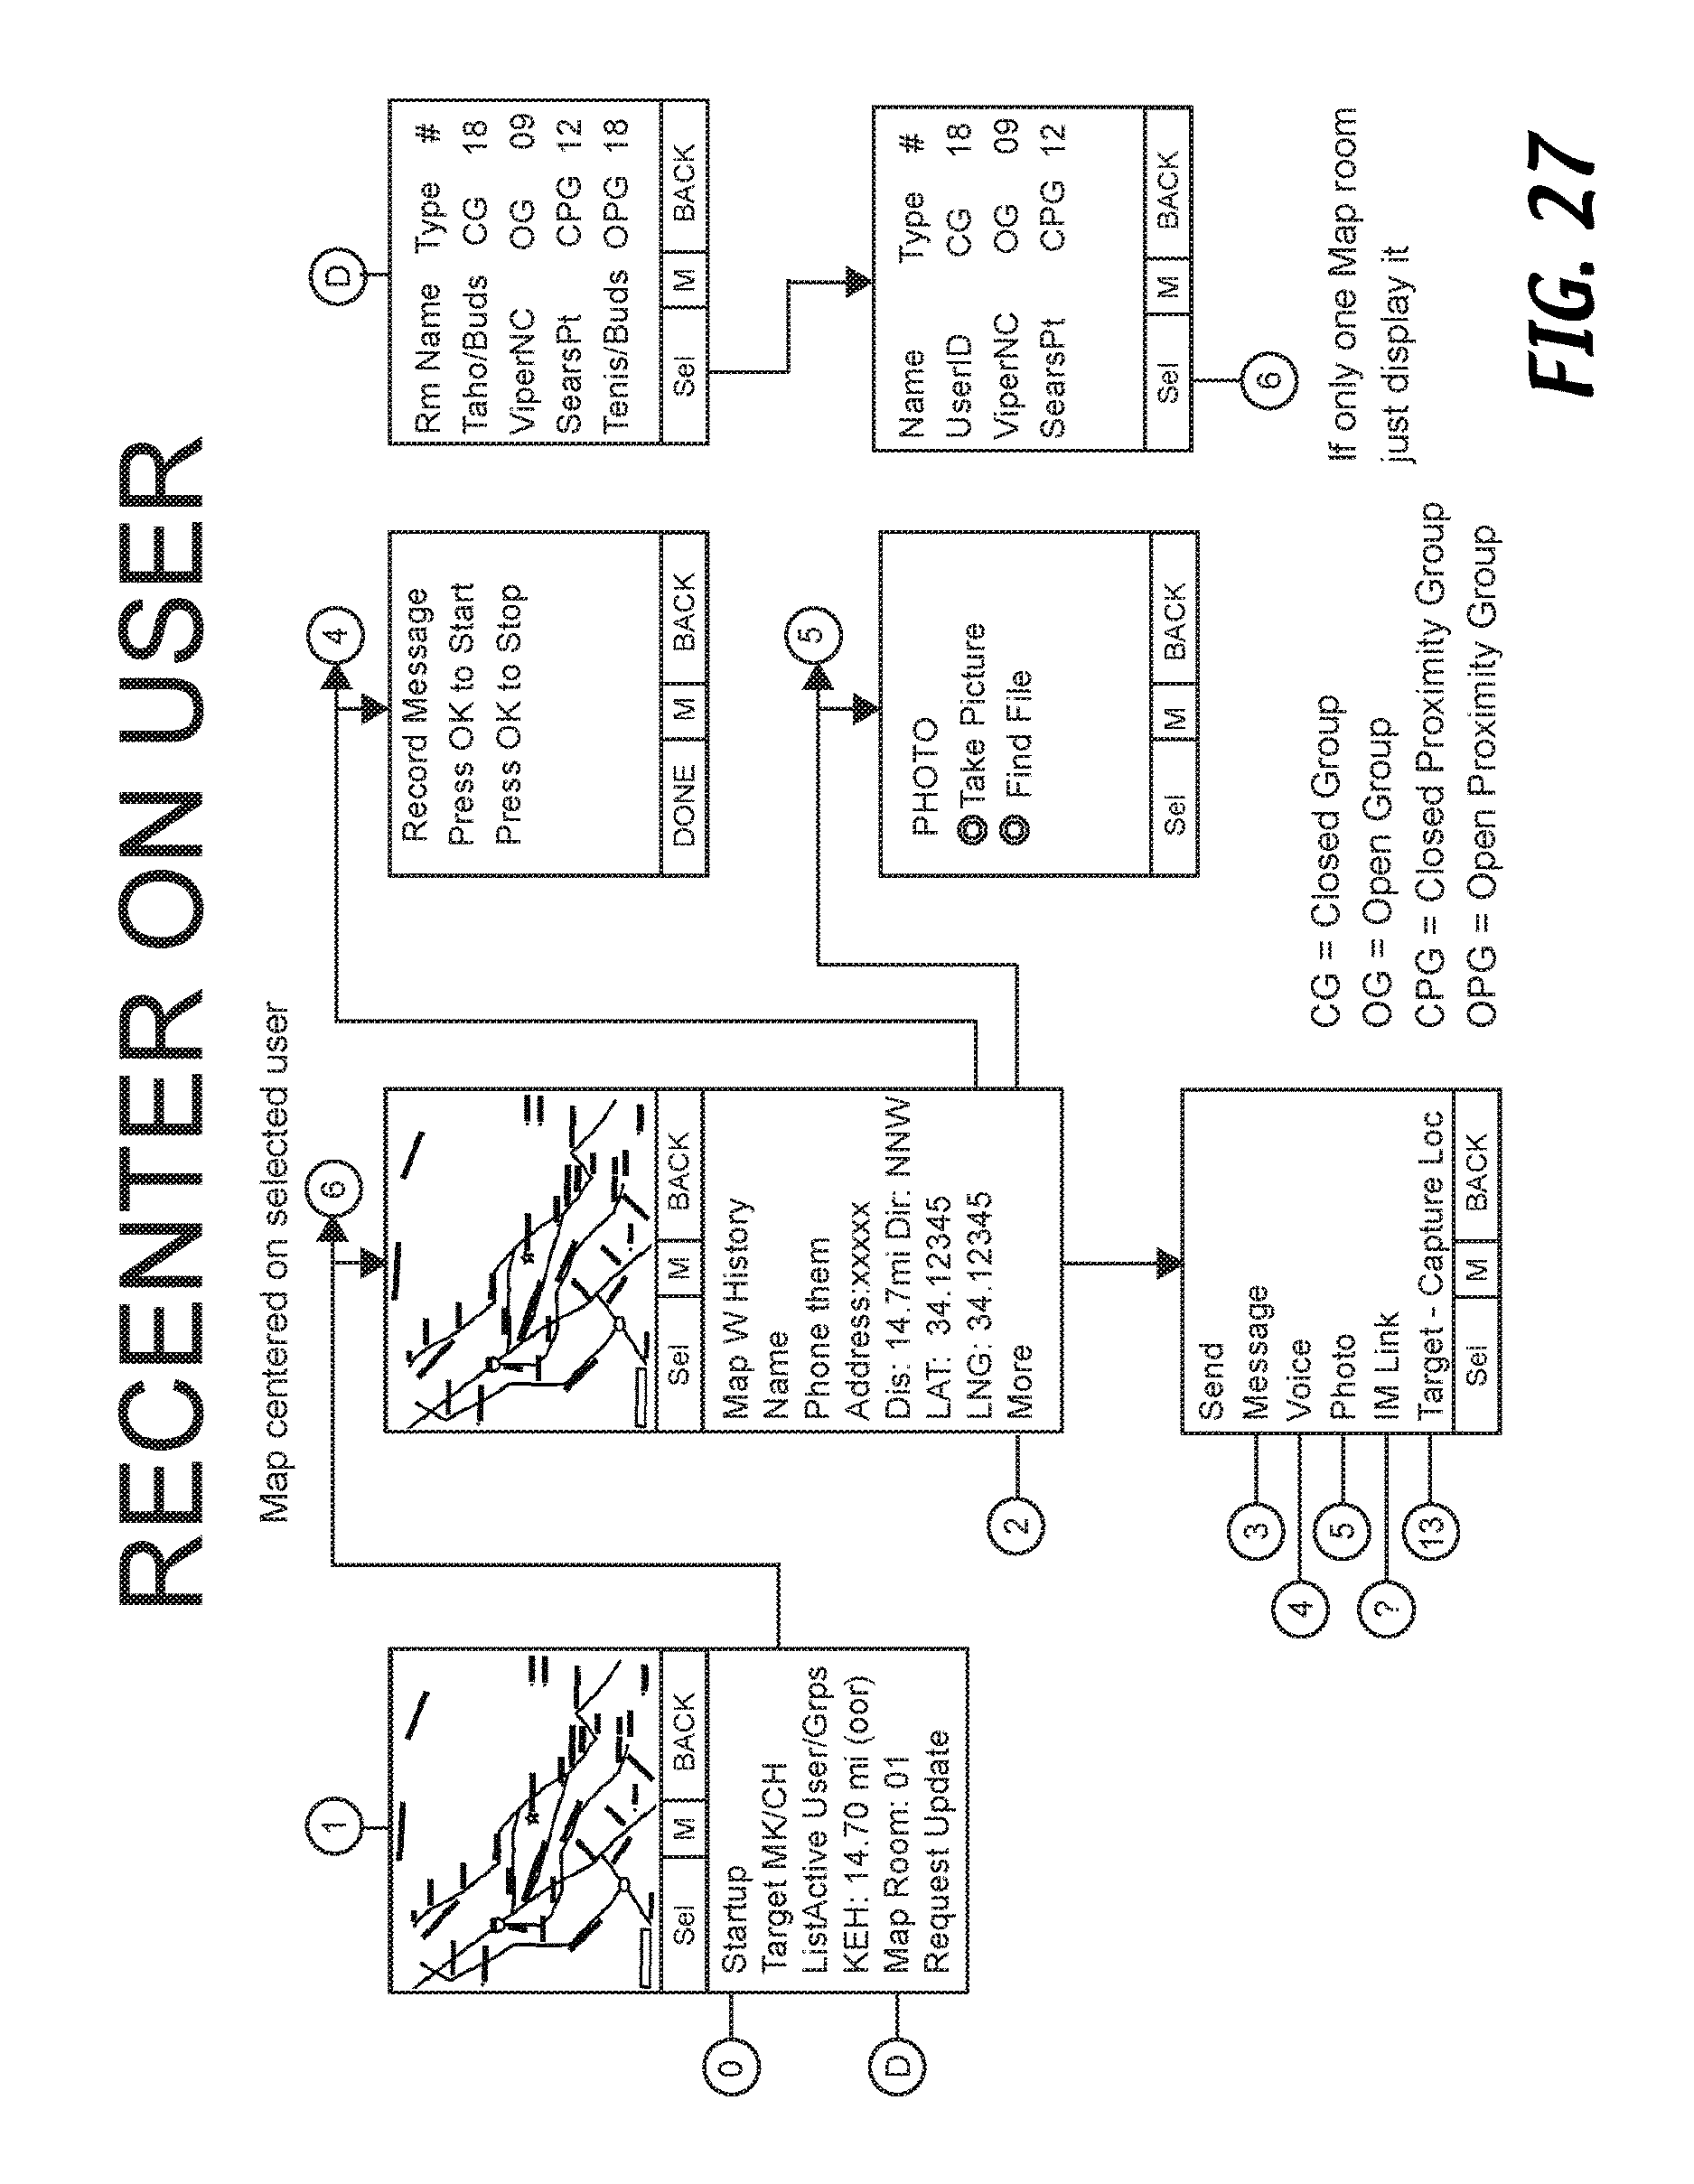 Patent Us 9883360 B1 Atlas Honda Cd 70 Wiring Diagram 0 Petitions